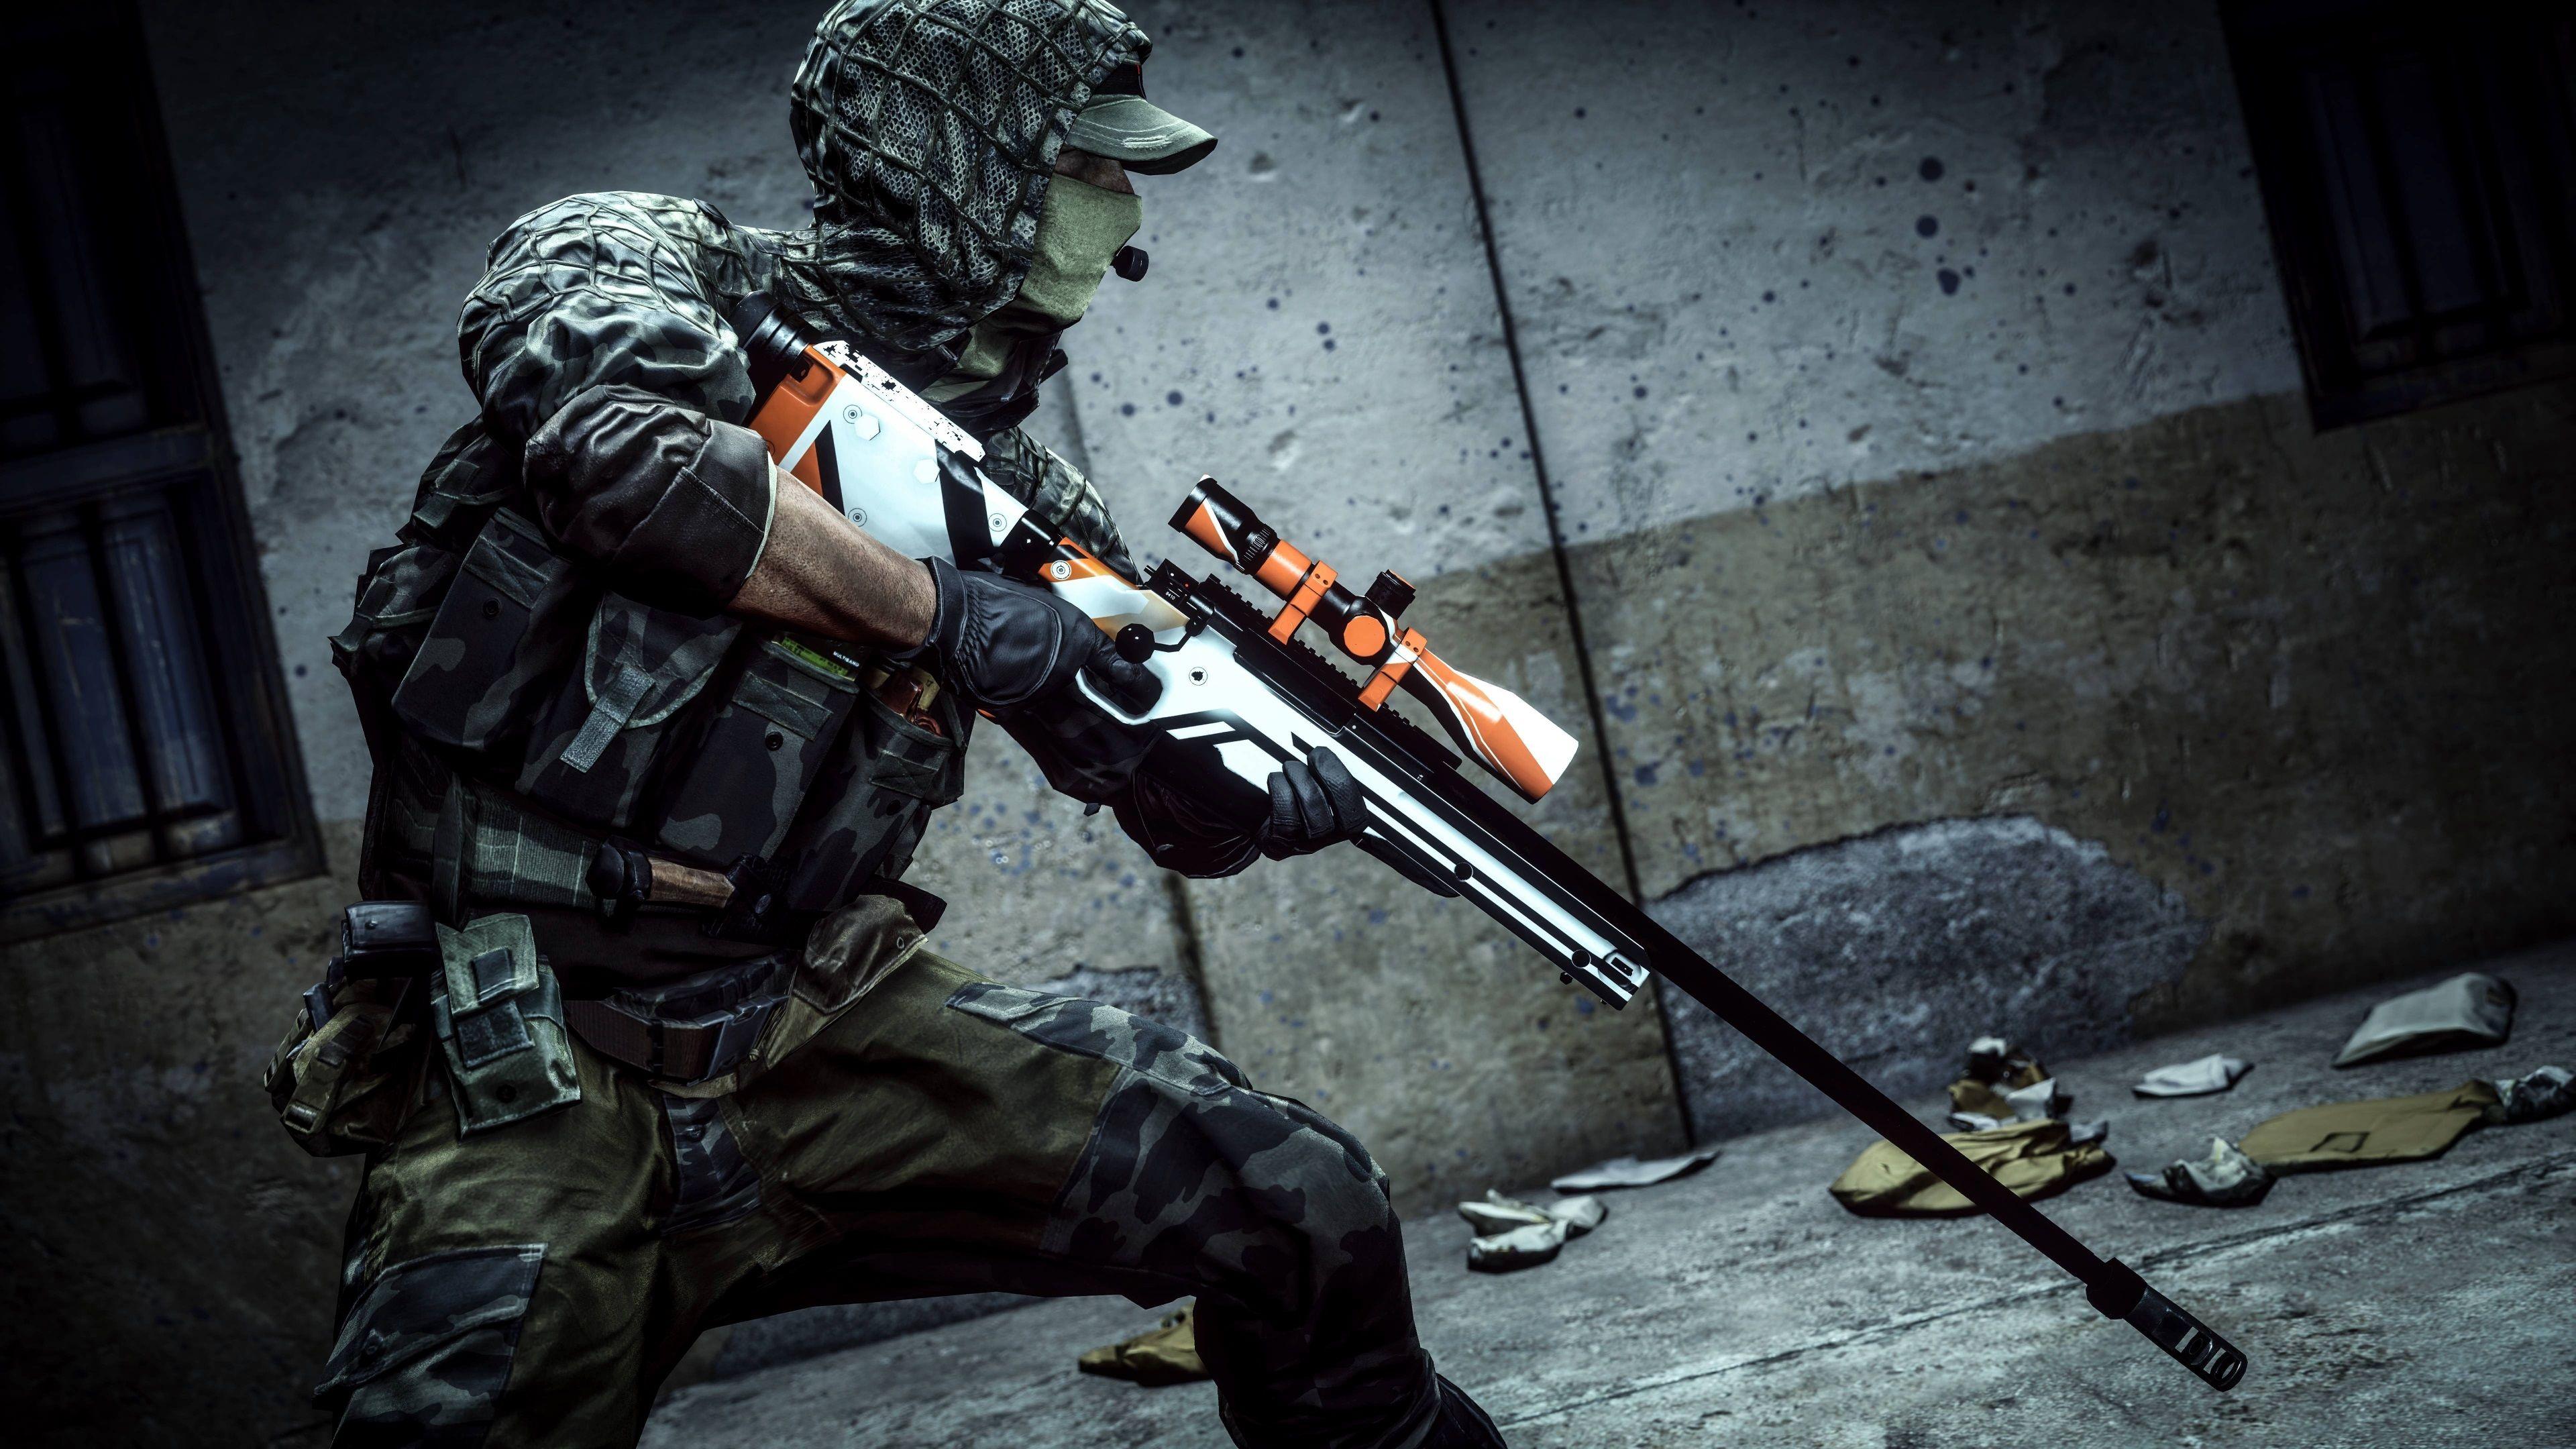 3840x2160 Battlefield 4 4k Desktop Wallpaper Cool 4k